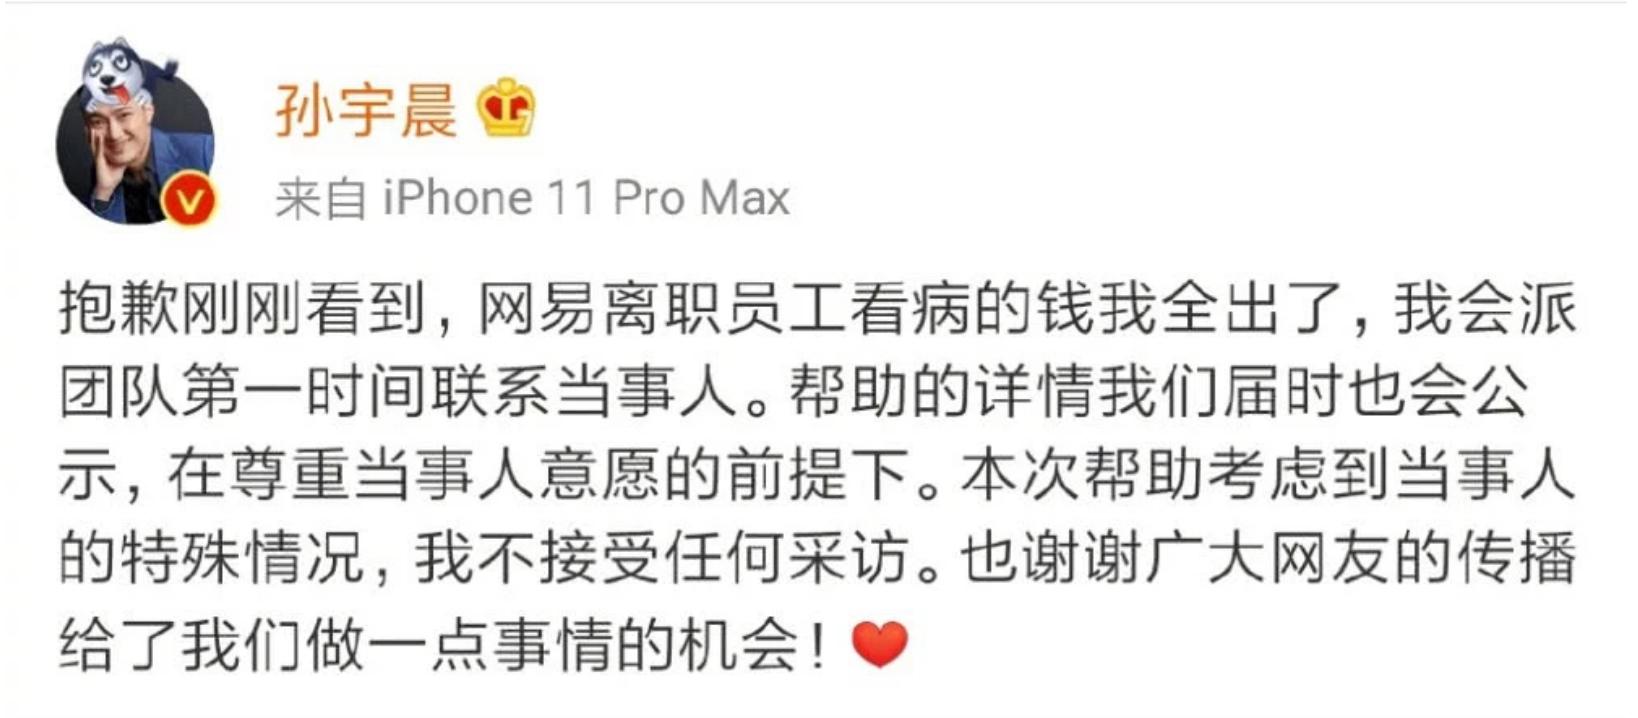 孙宇晨在线发钱:给网红大V转账5万元 涨姿势 第2张